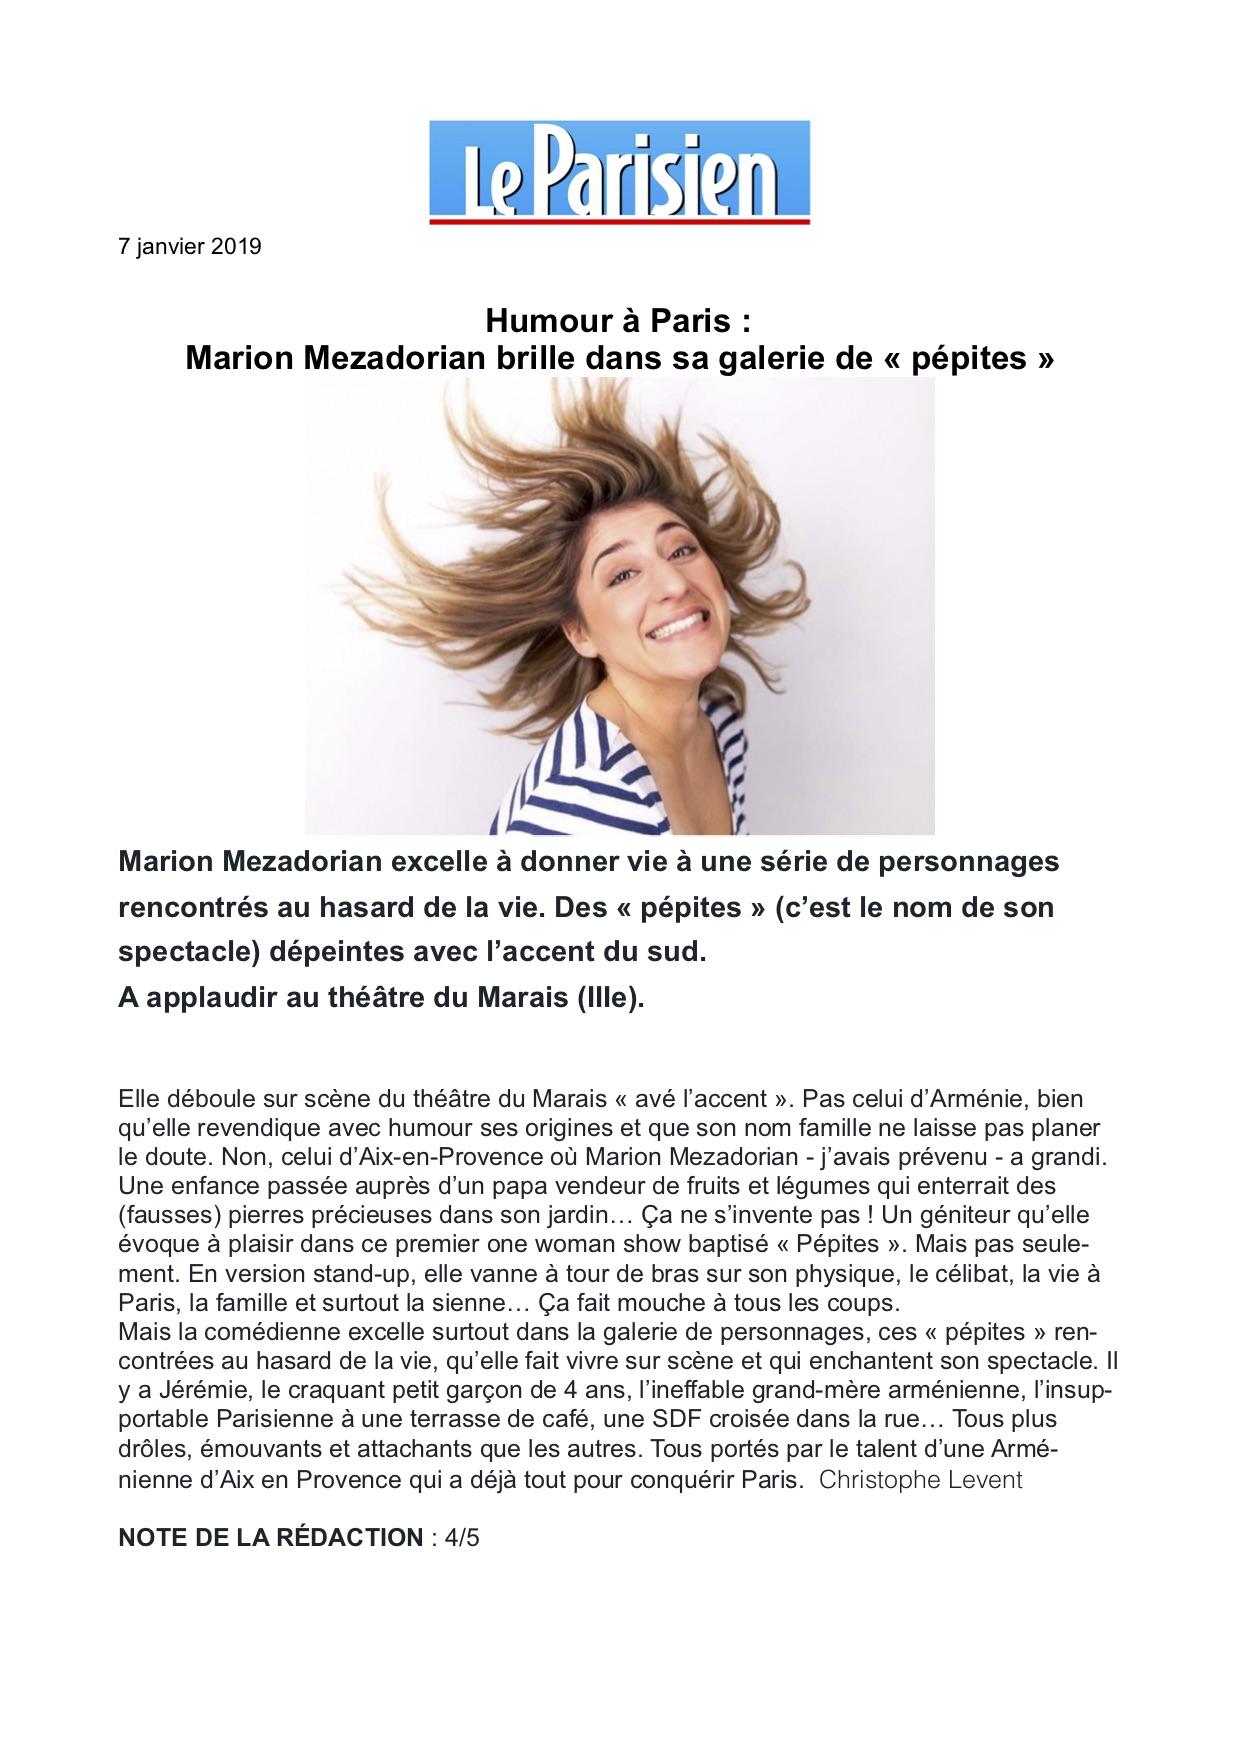 Le Parisien 07.01.19